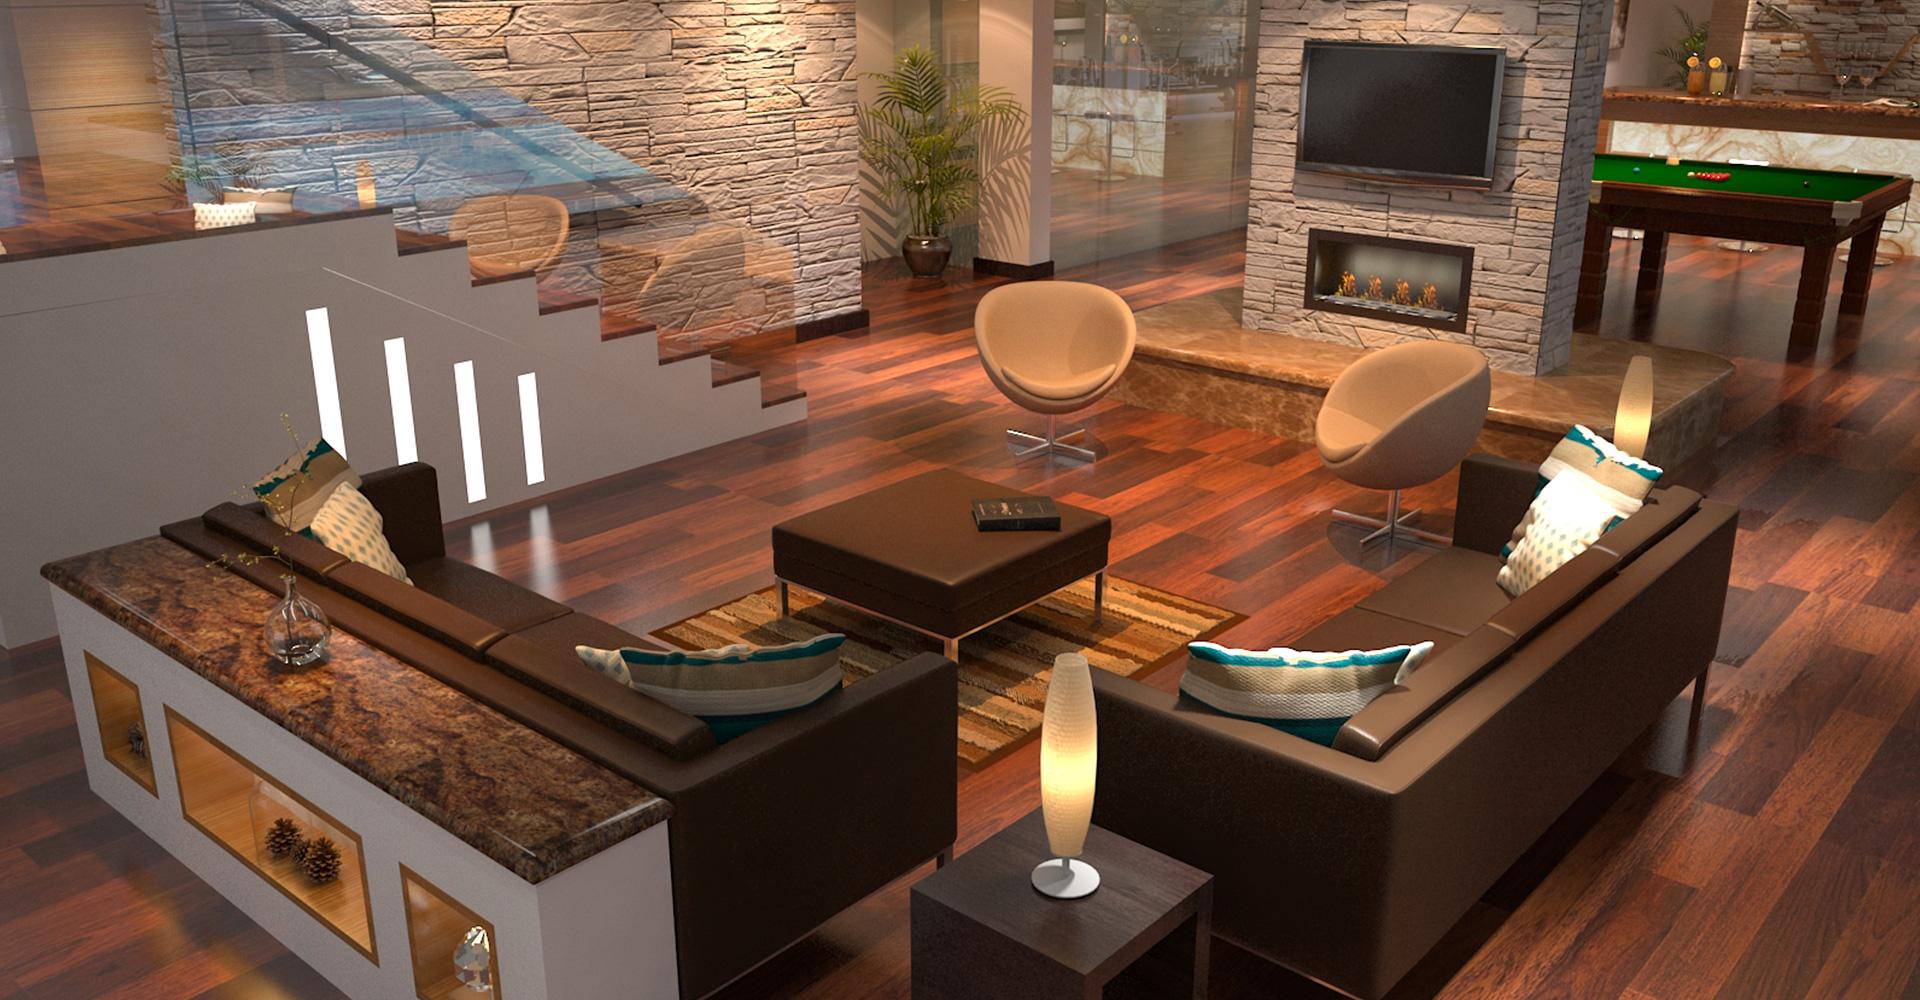 Residential-Interior-Design-Hiline-Lahore-portfolio-65J-DHA-EME-05 (51)